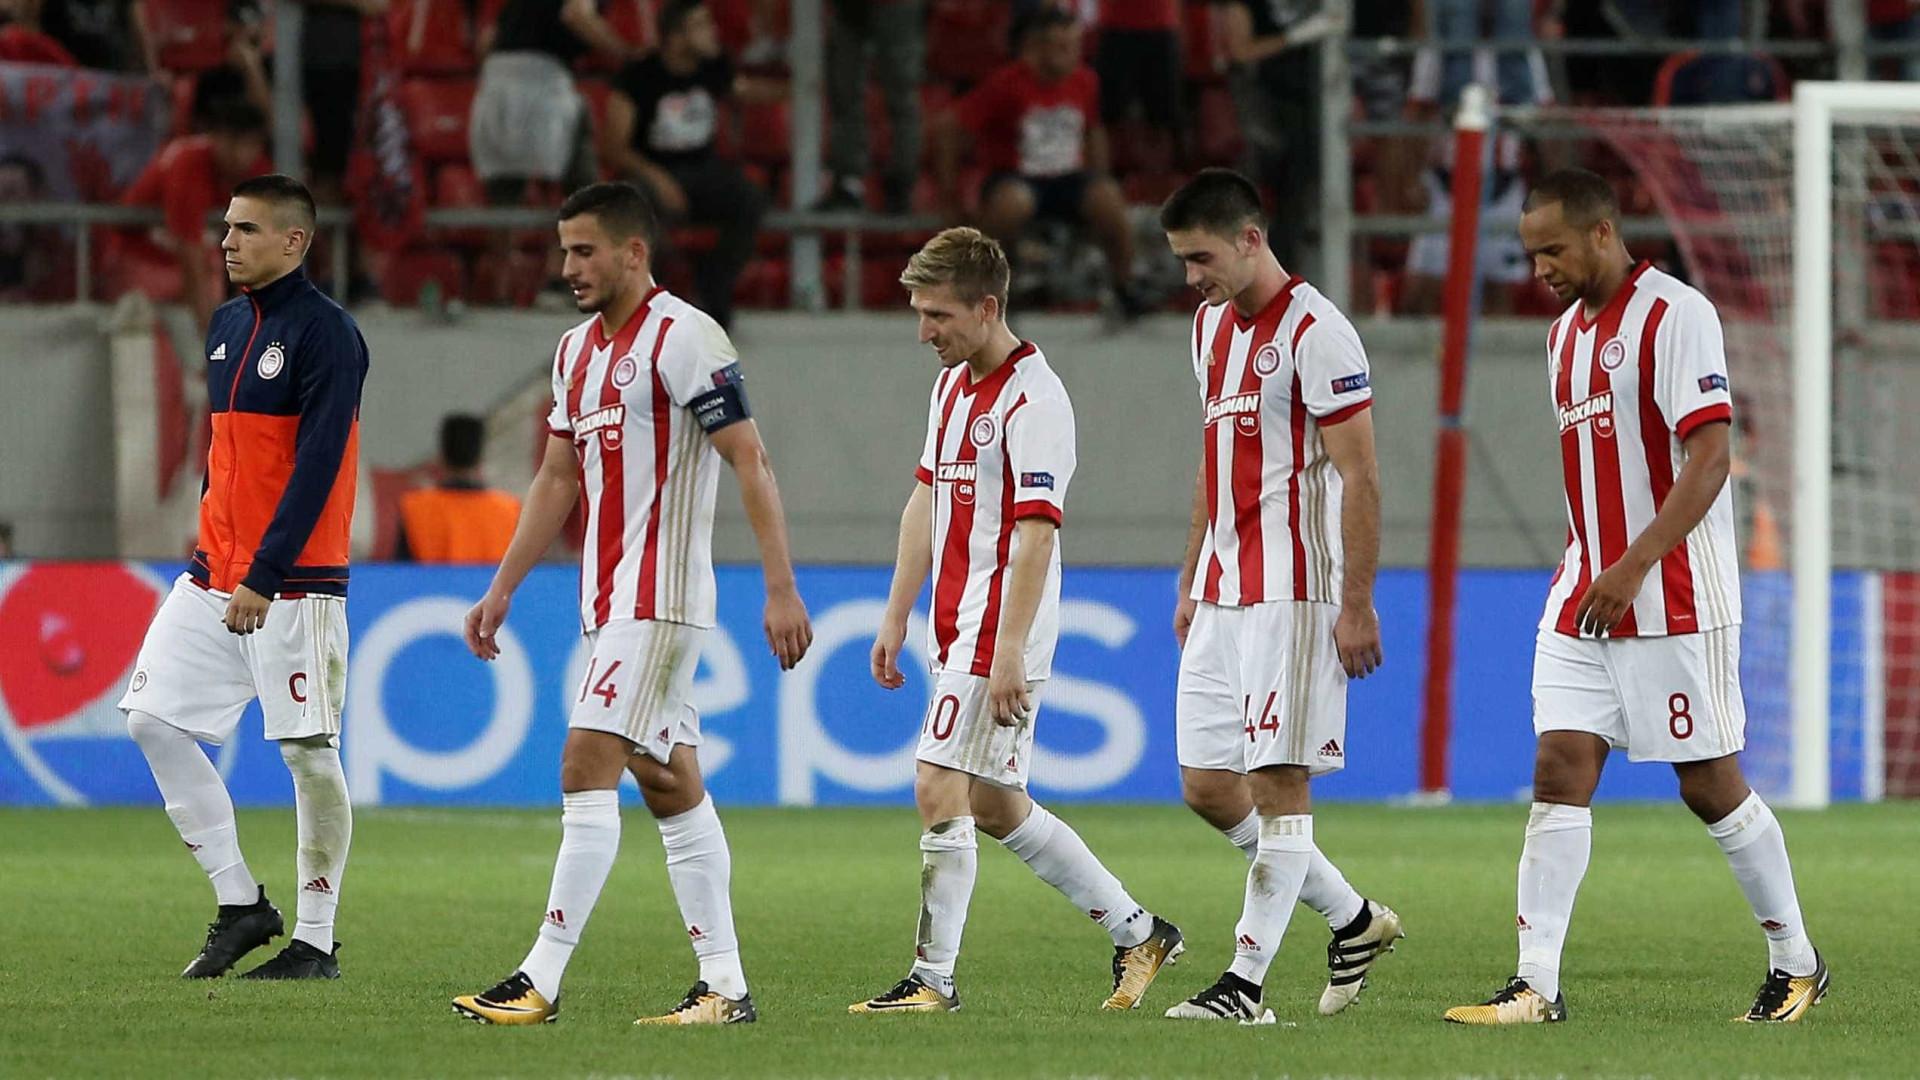 Dono de clube multa jogadores em 400 mil euros por maus resultados